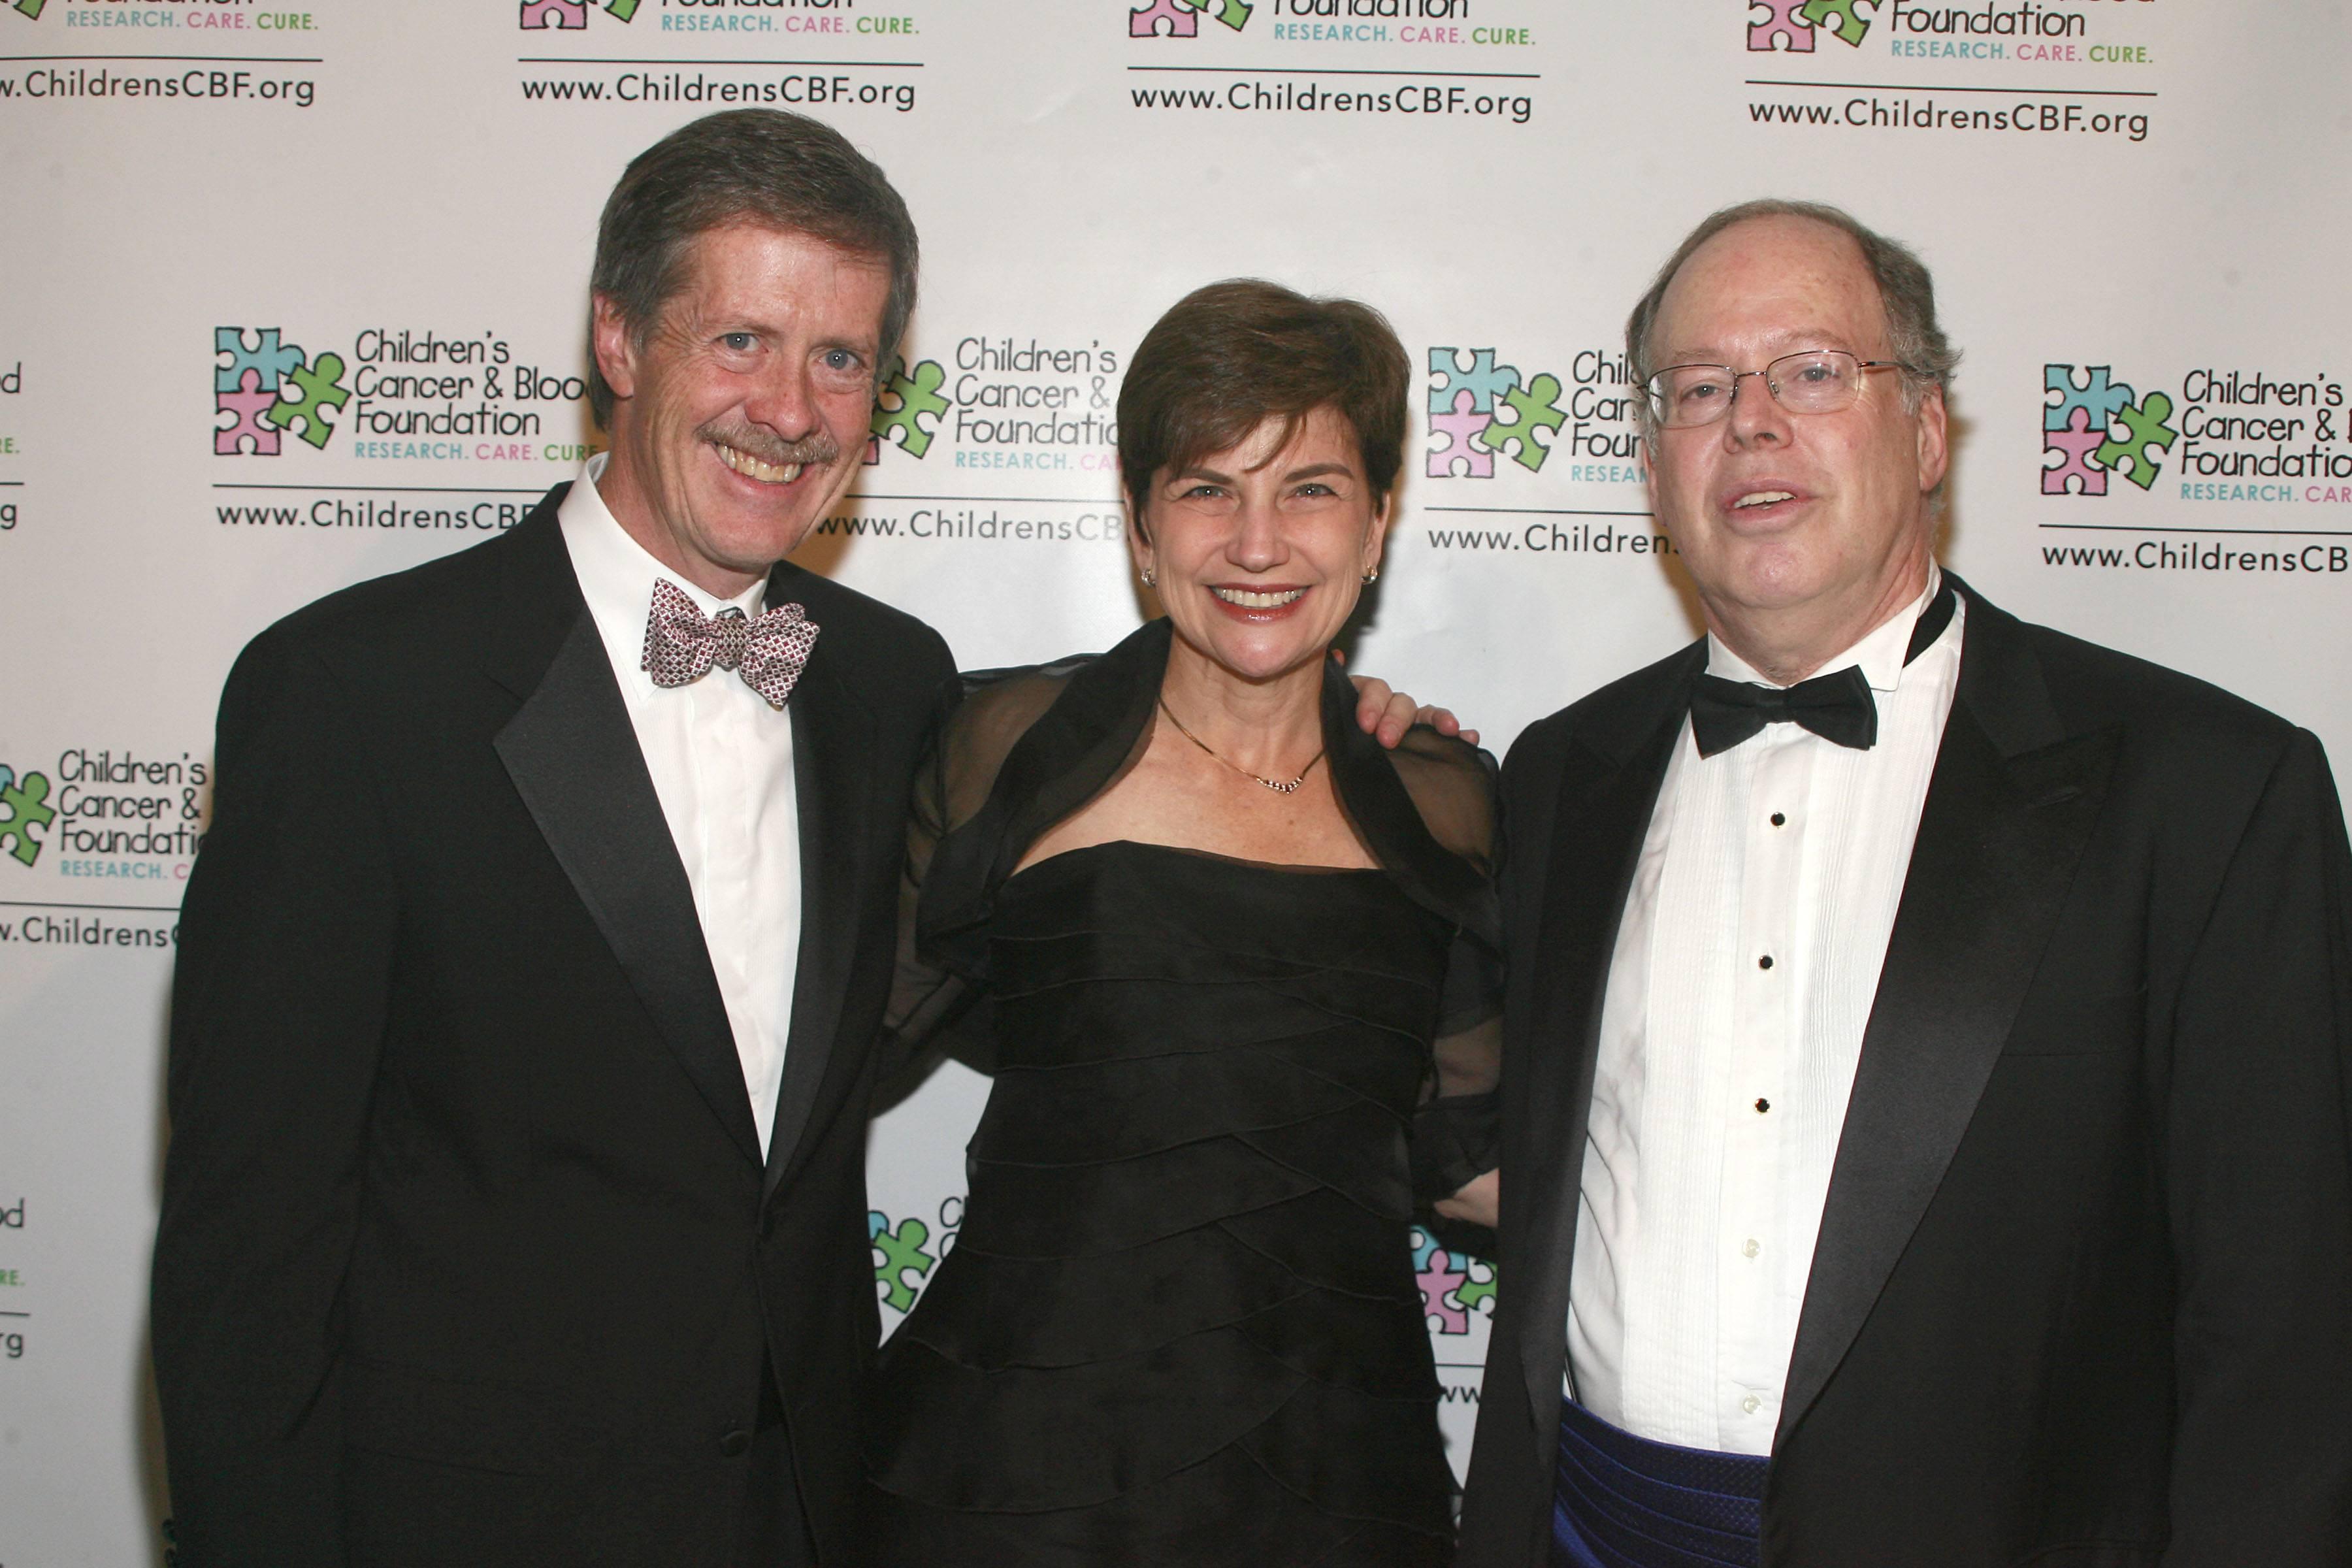 Children's Cancer & Blood Foundation,